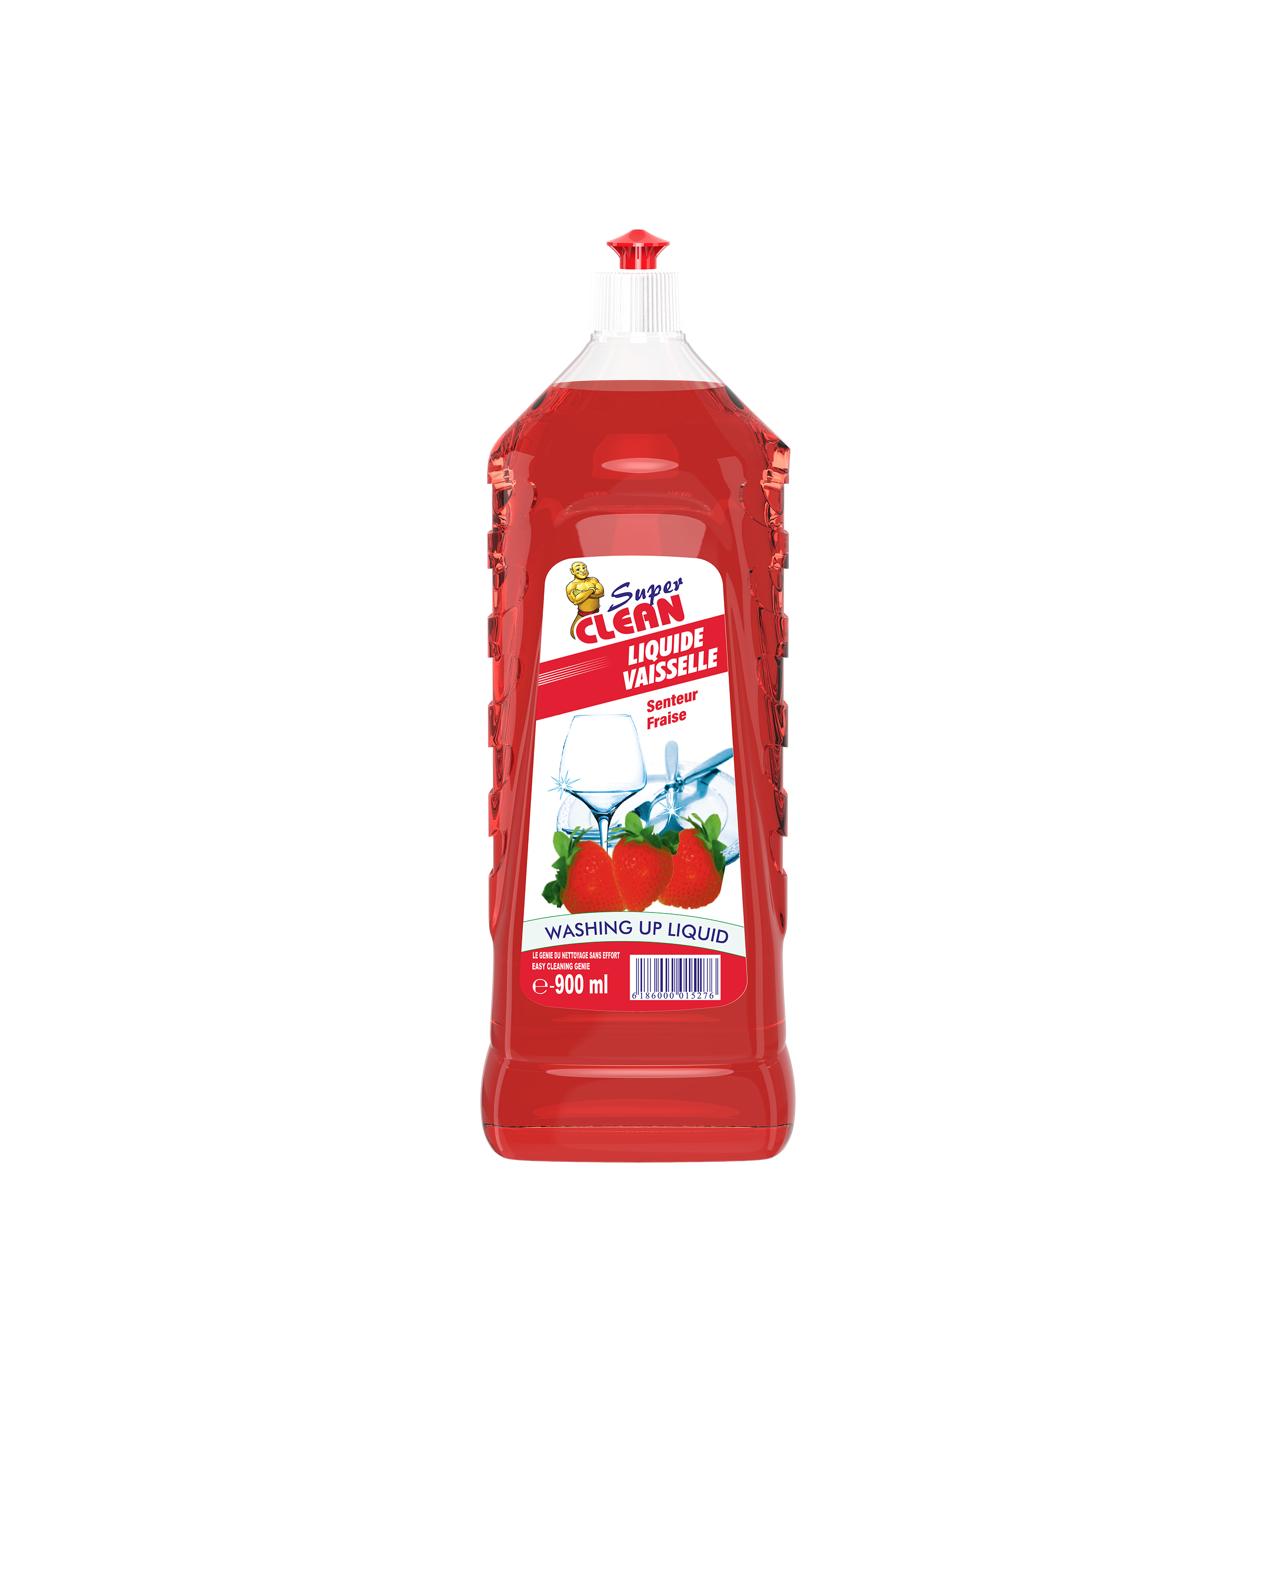 SUPER CLEAN_Liquide Vaisselle Fraise 900ml_Siprochim